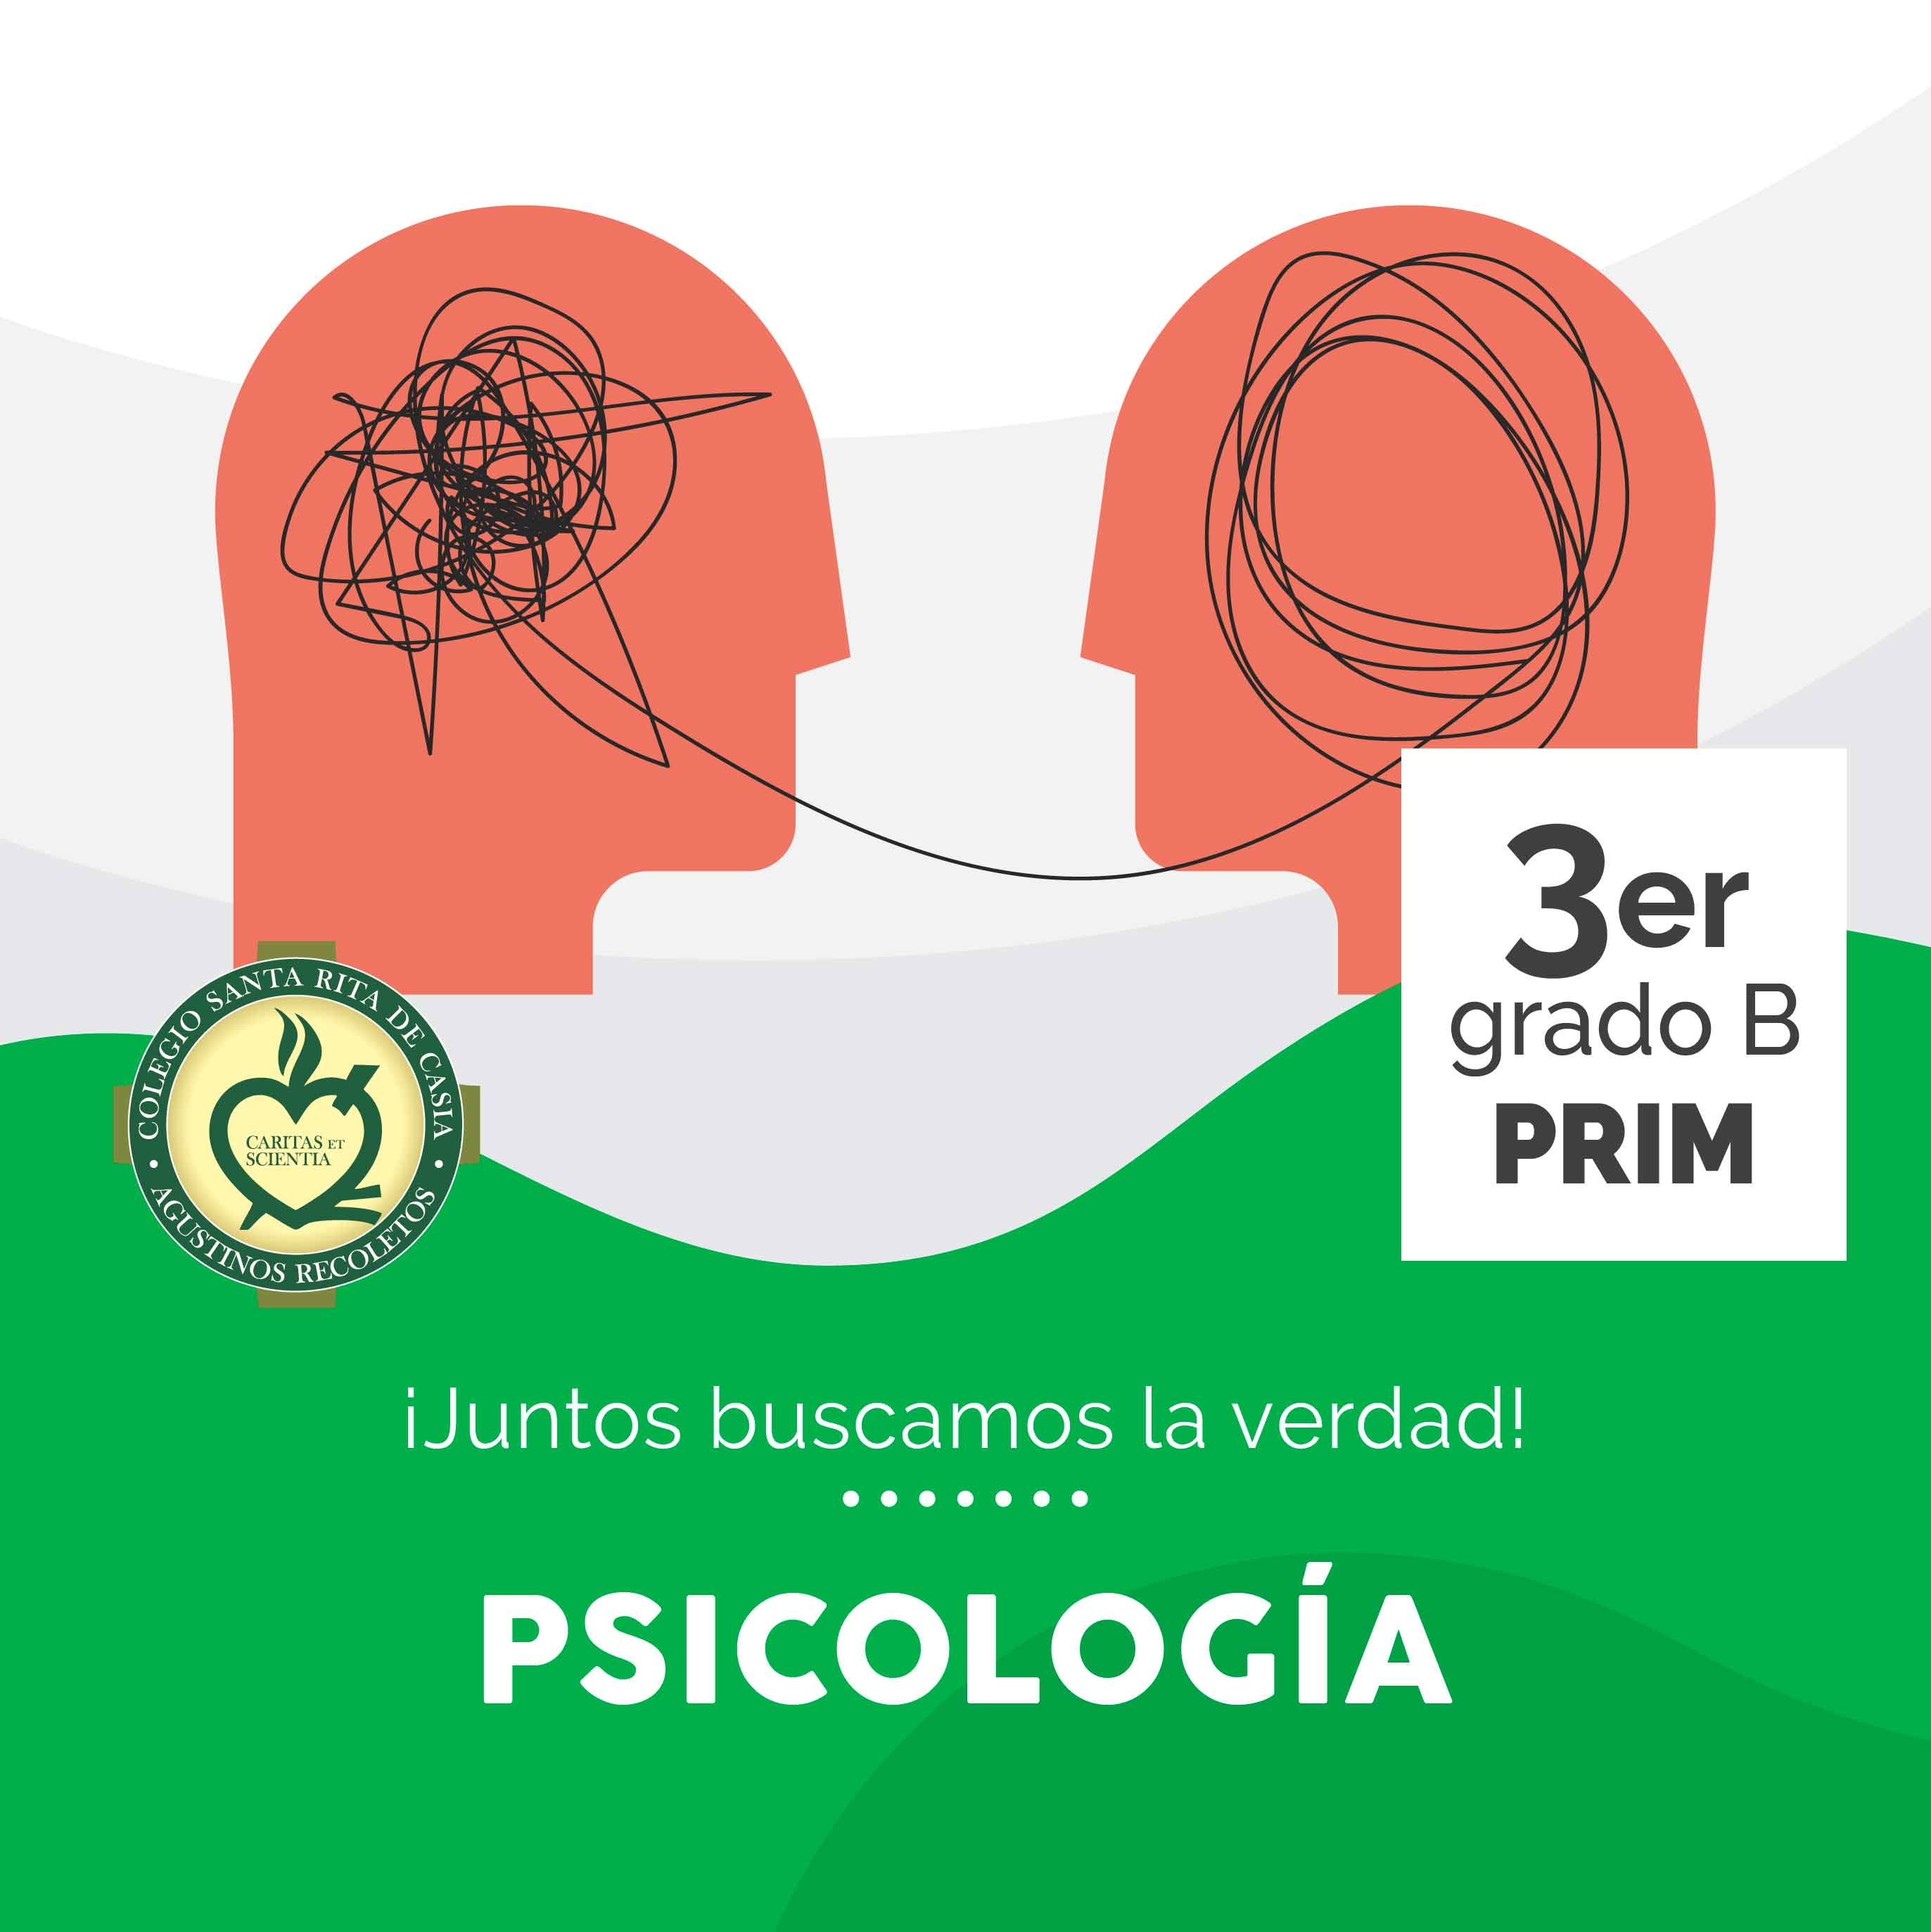 Psicología 3er Grado B